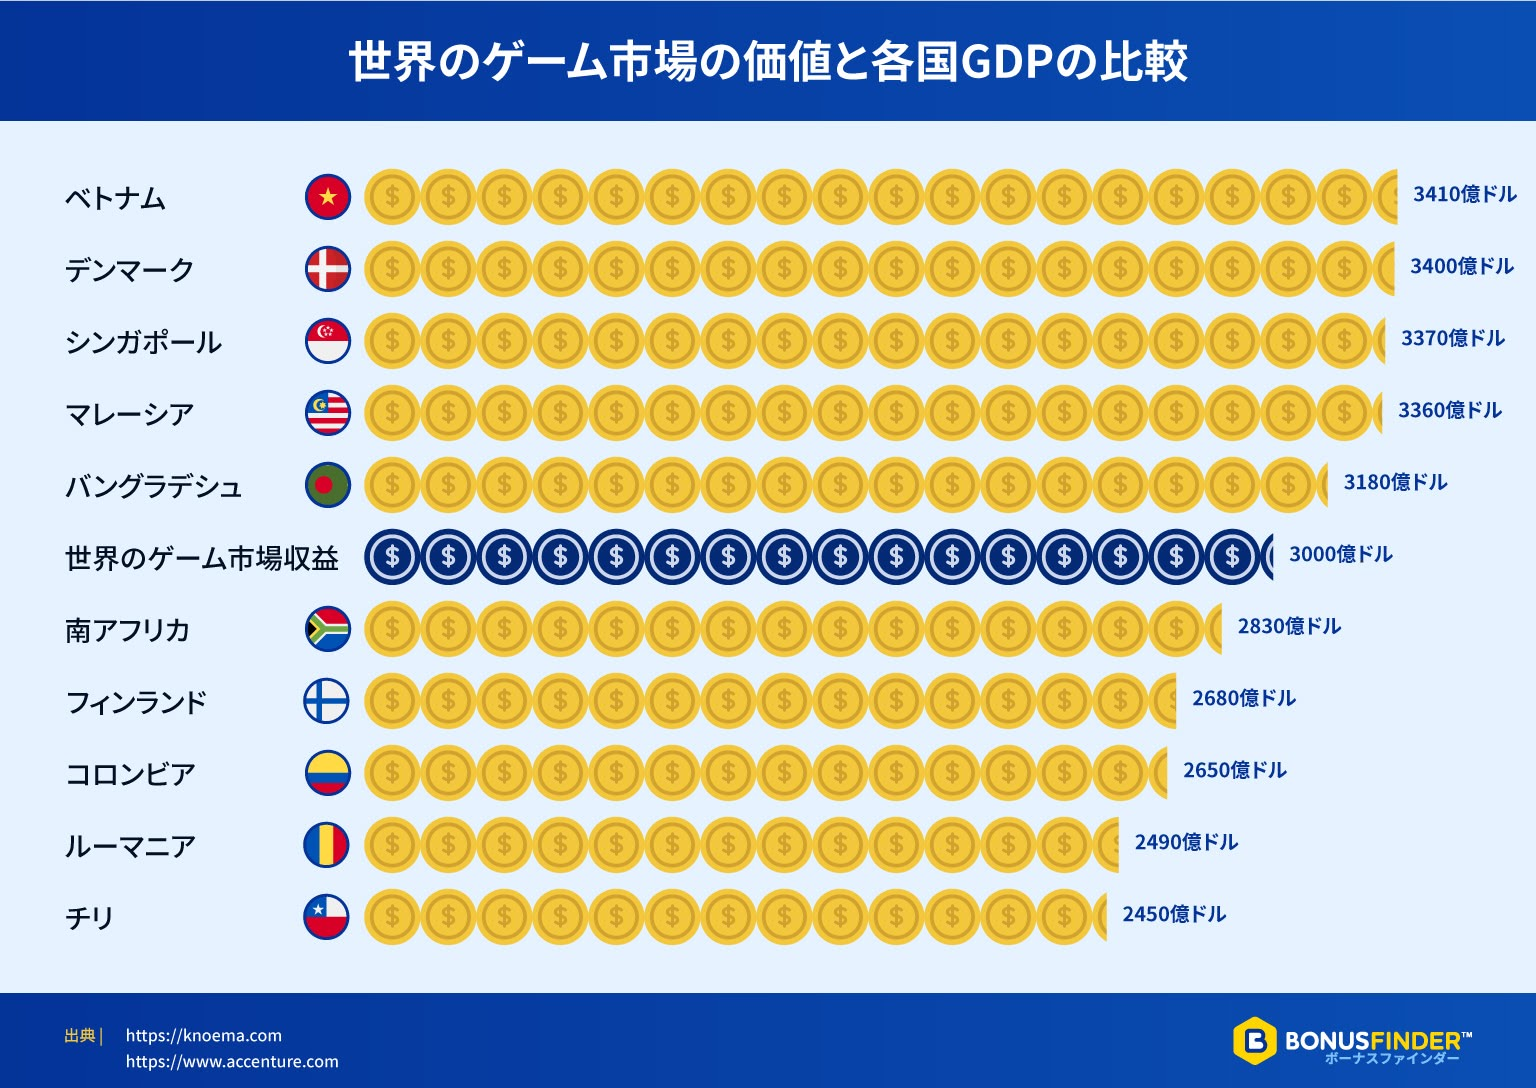 世界のゲーム市場の価値と各国GDPの比較